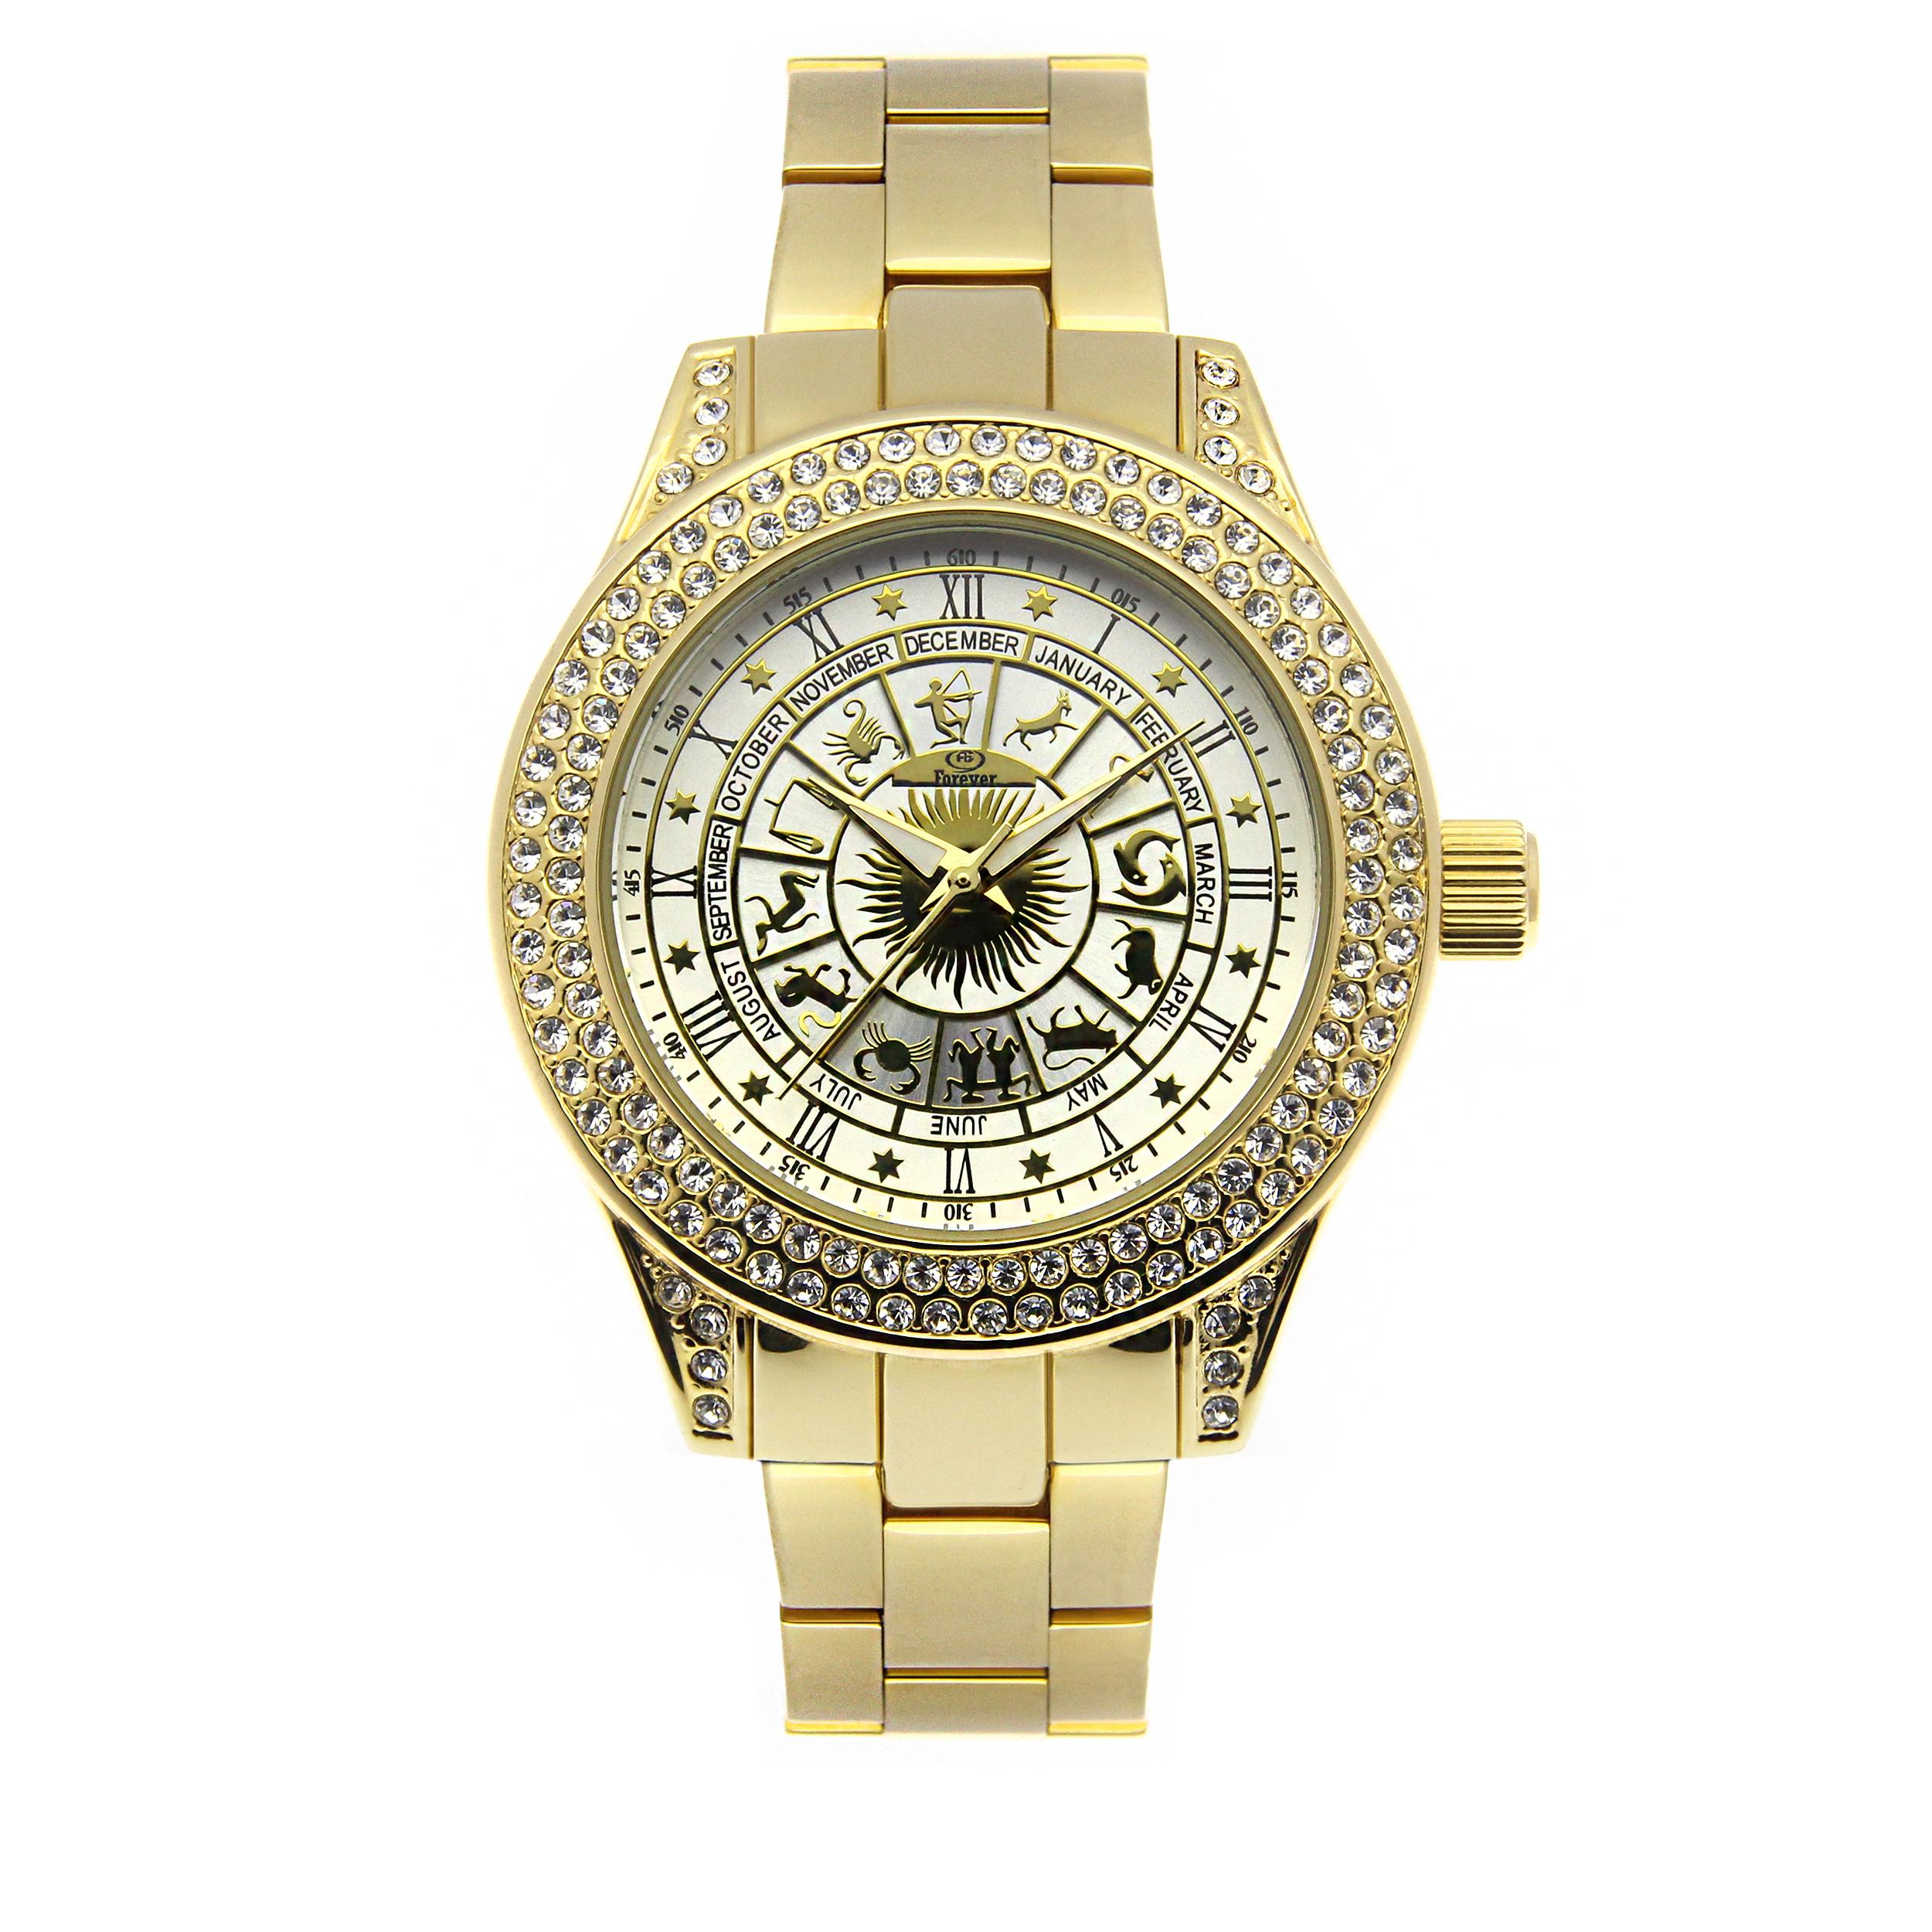 خرید ساعت مچی عقربه ای زنانه فوراور مدل SN-S10175S-01